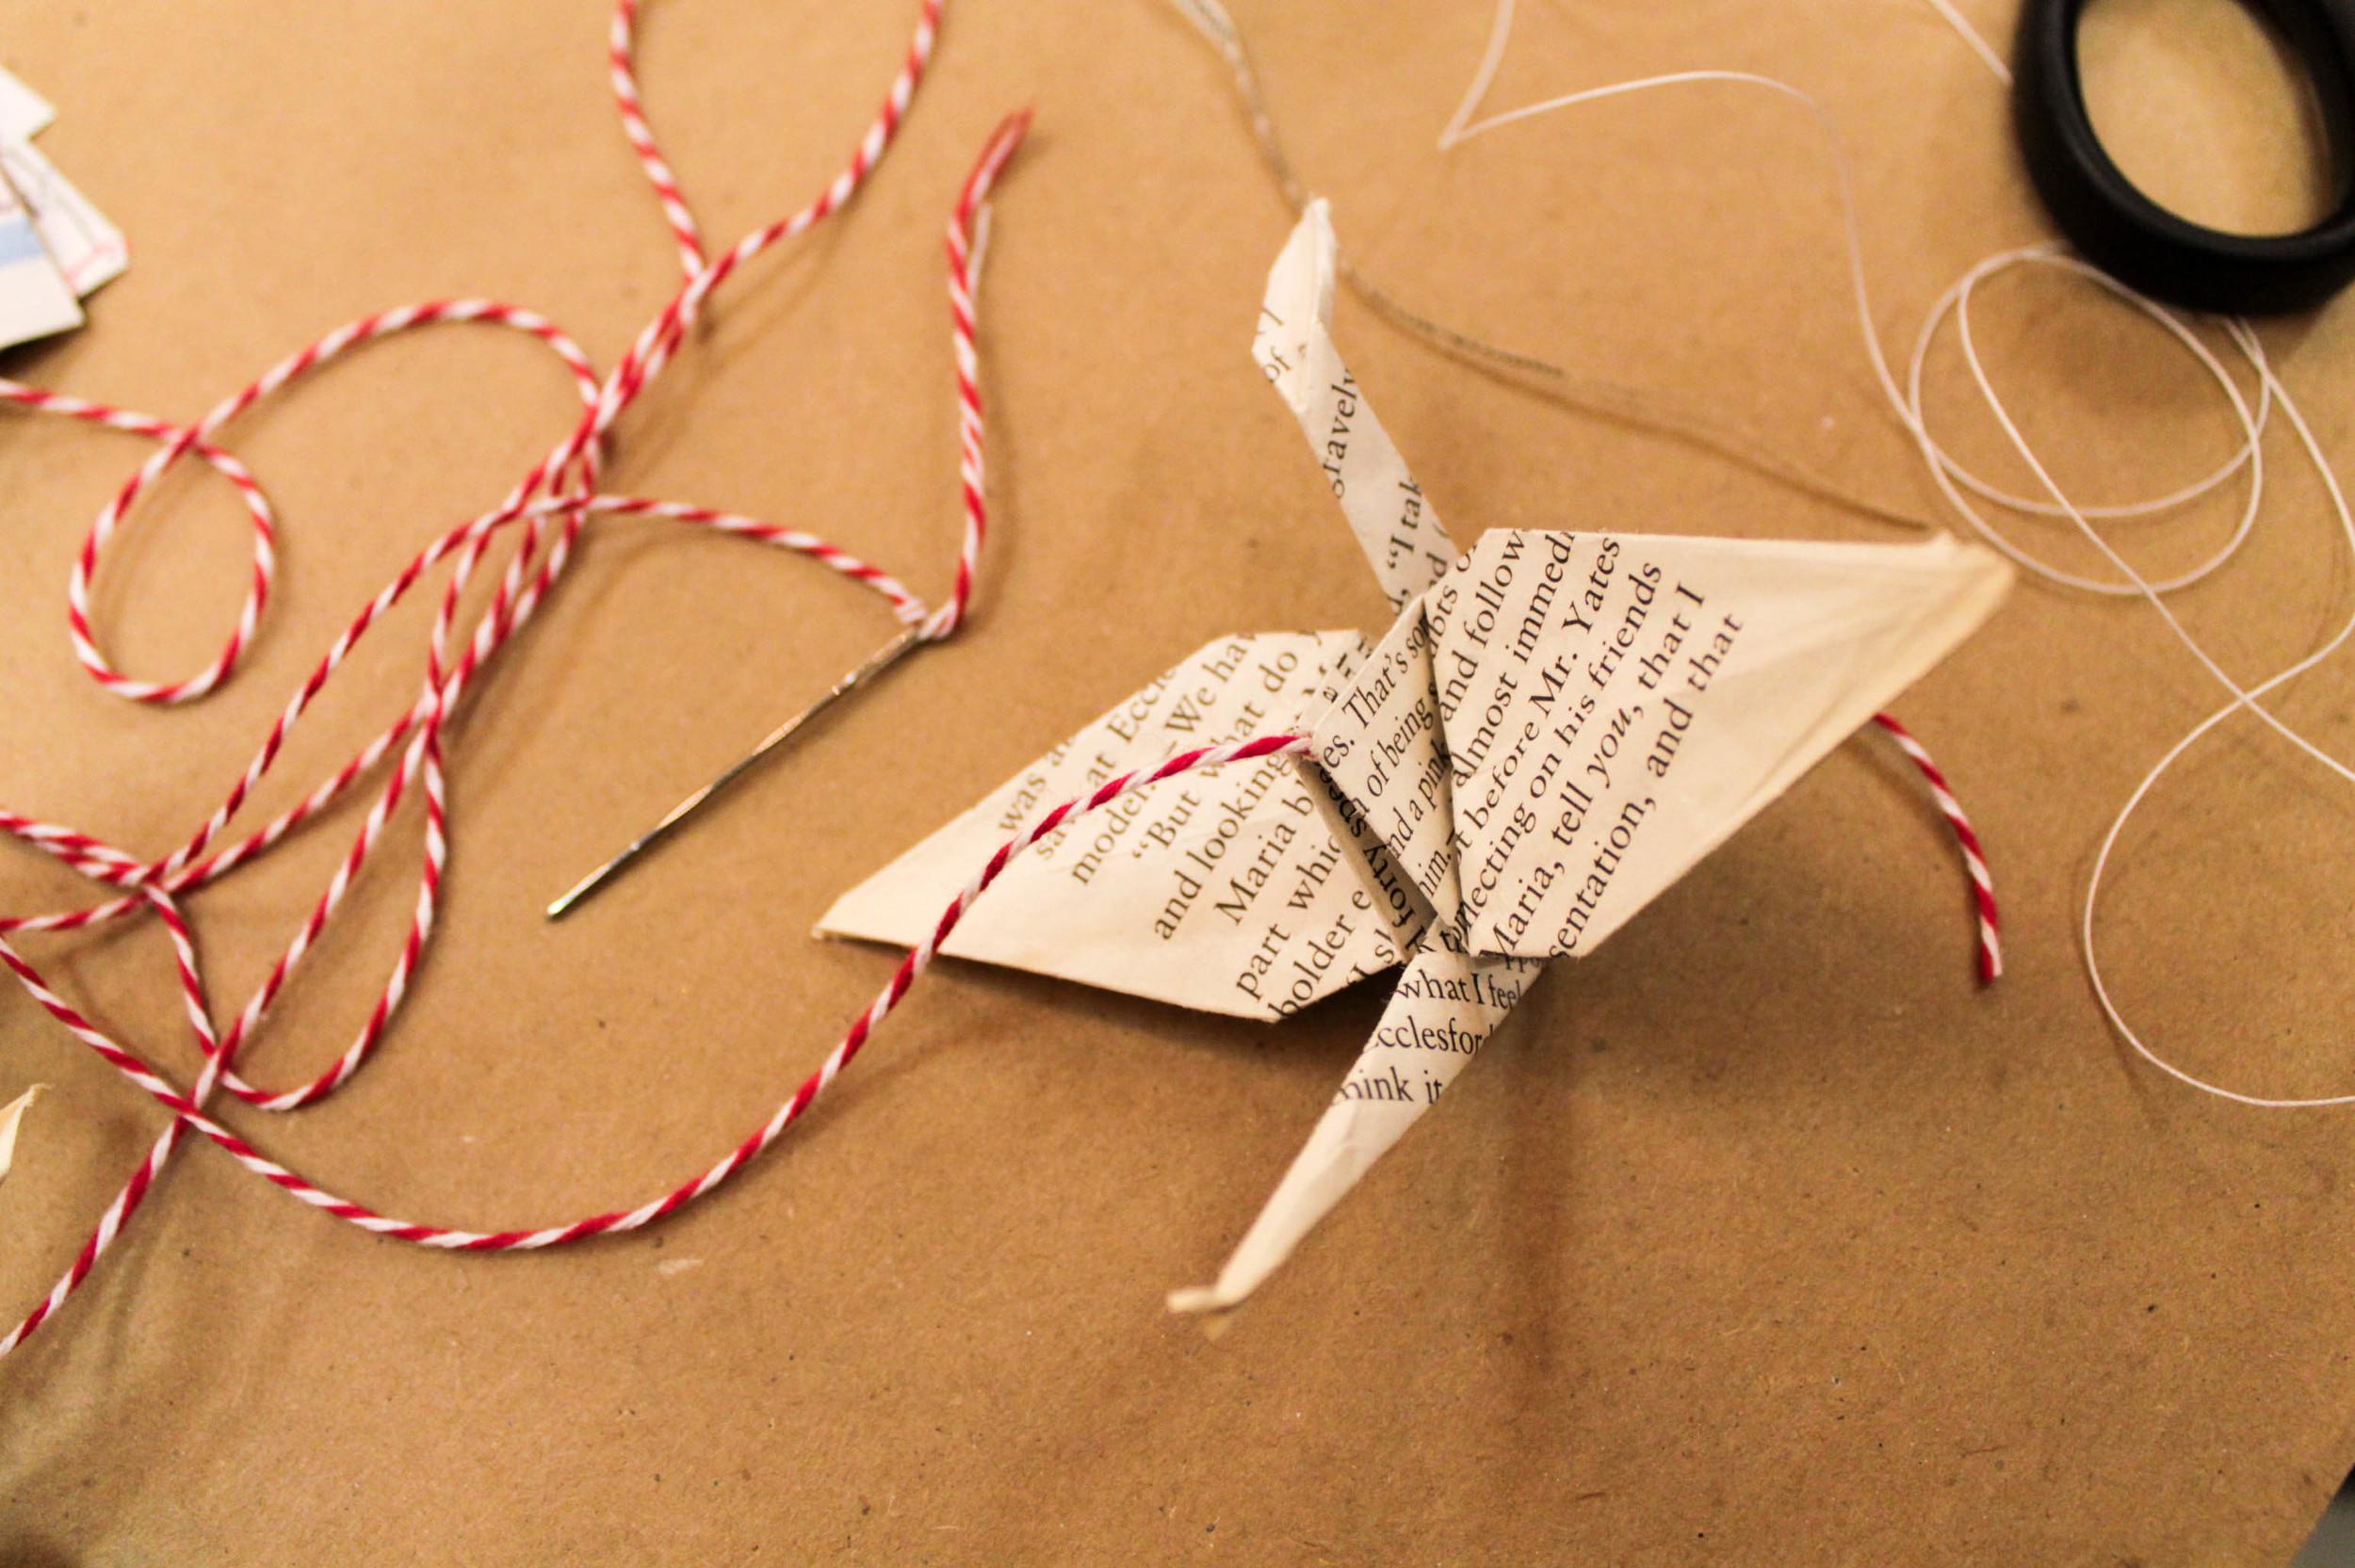 paper-cranes-etxe-29.jpg